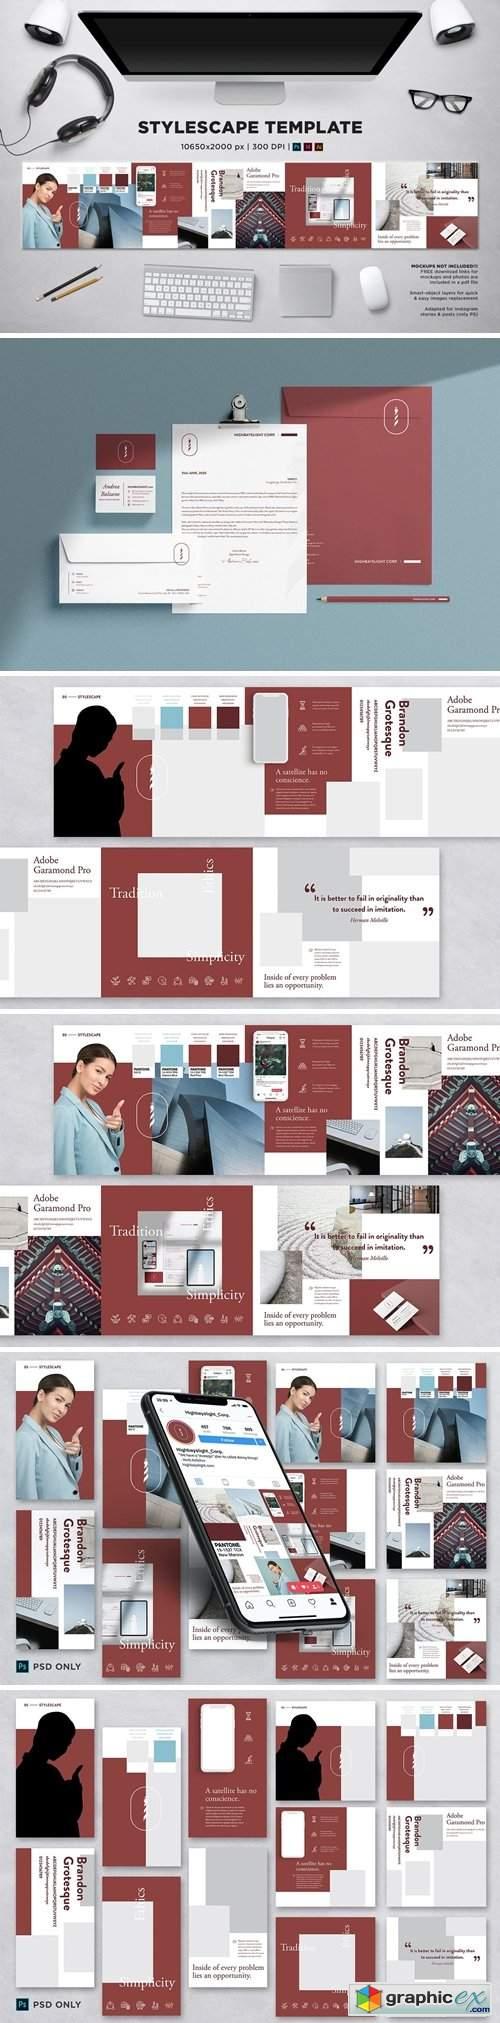 Stylescape / Moodboard Template 05